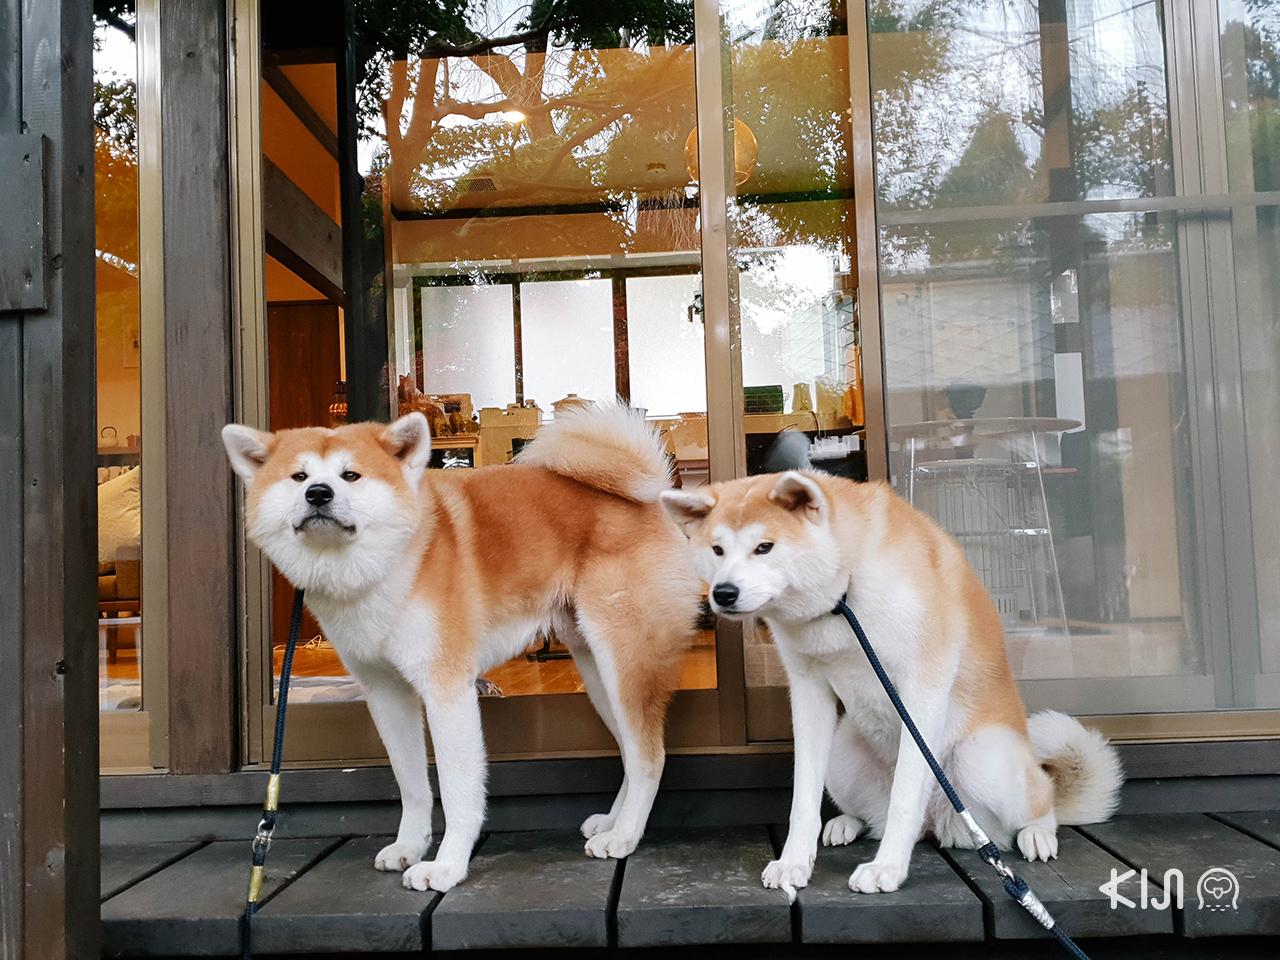 เที่ยว โทโฮคุ ช่วง ฤดู ใบไม้เปลี่ยนสี : ชมความน่ารักของน้องหมาพันธุ์อาคิตะ